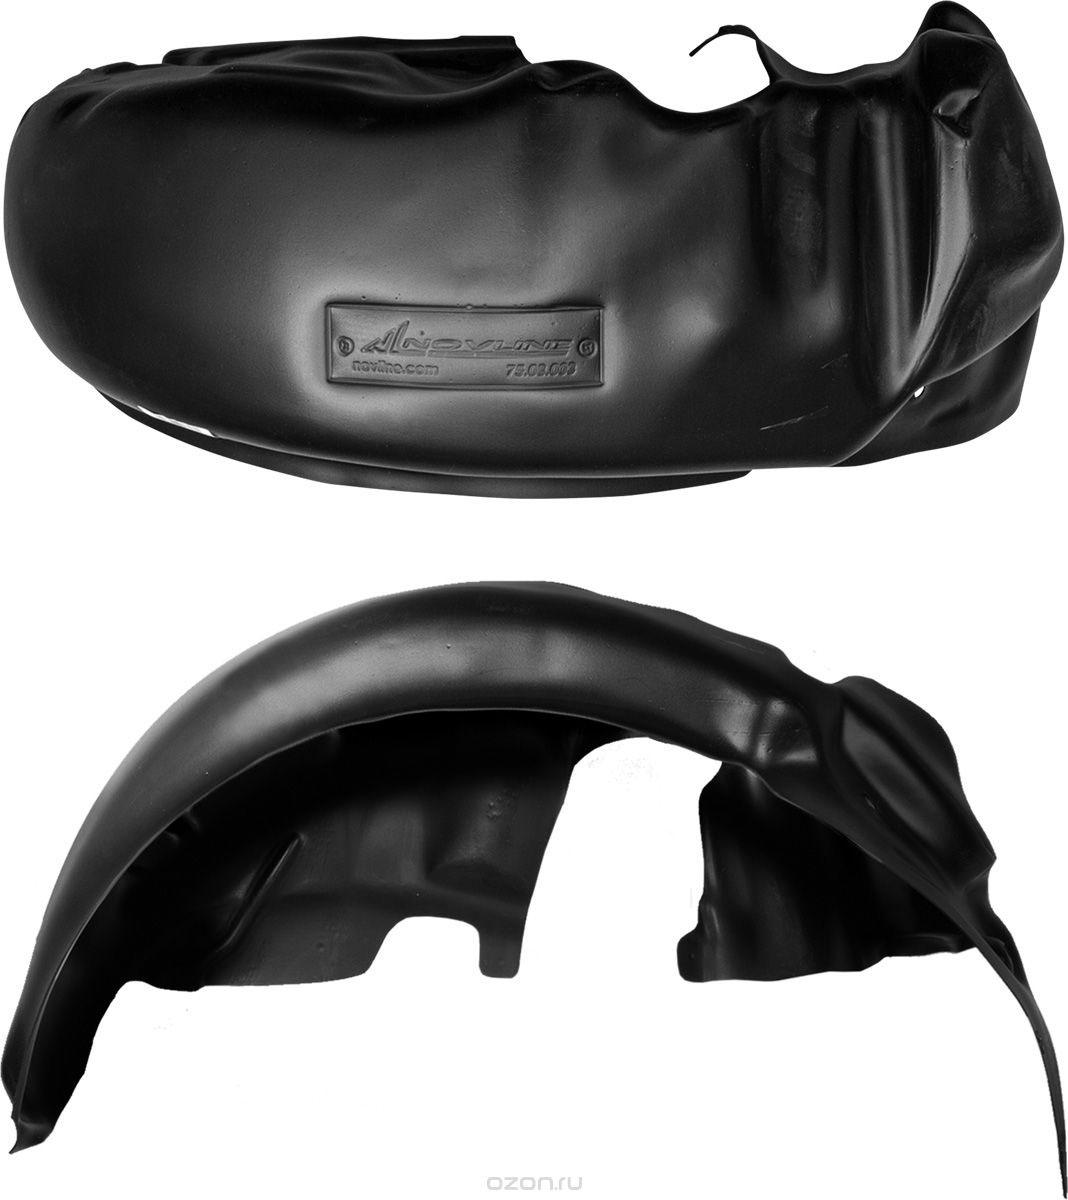 Подкрылок Novline-Autofamily, для Renault Master, 2010->, задний левыйNLL.41.32.003Идеальная защита колесной ниши. Локеры разработаны с применением цифровых технологий, гарантируют максимальную повторяемость поверхности арки. Изделия устанавливаются без нарушения лакокрасочного покрытия автомобиля, каждый подкрылок комплектуется крепежом. Уважаемые клиенты, обращаем ваше внимание, что фотографии на подкрылки универсальные и не отражают реальную форму изделия. При этом само изделие идет точно под размер указанного автомобиля.